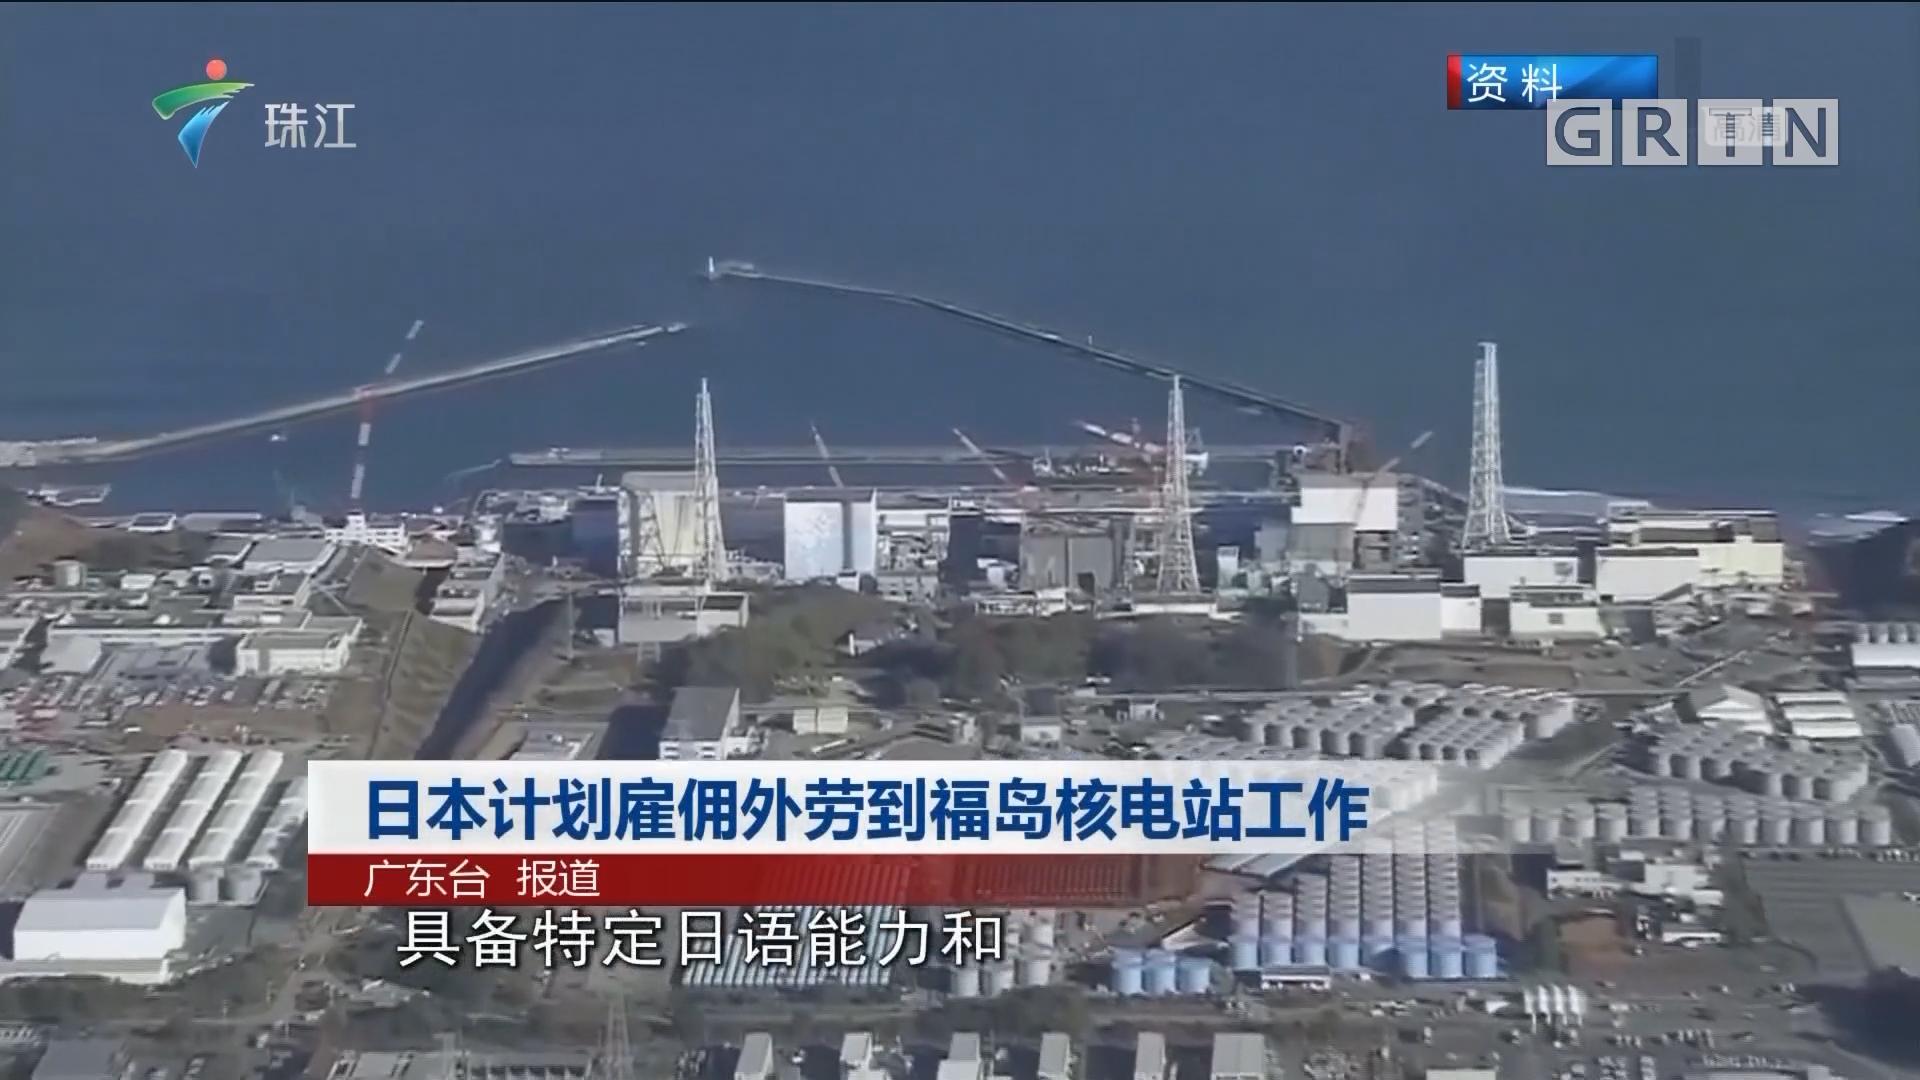 日本计划雇佣外劳到福岛核电站工作